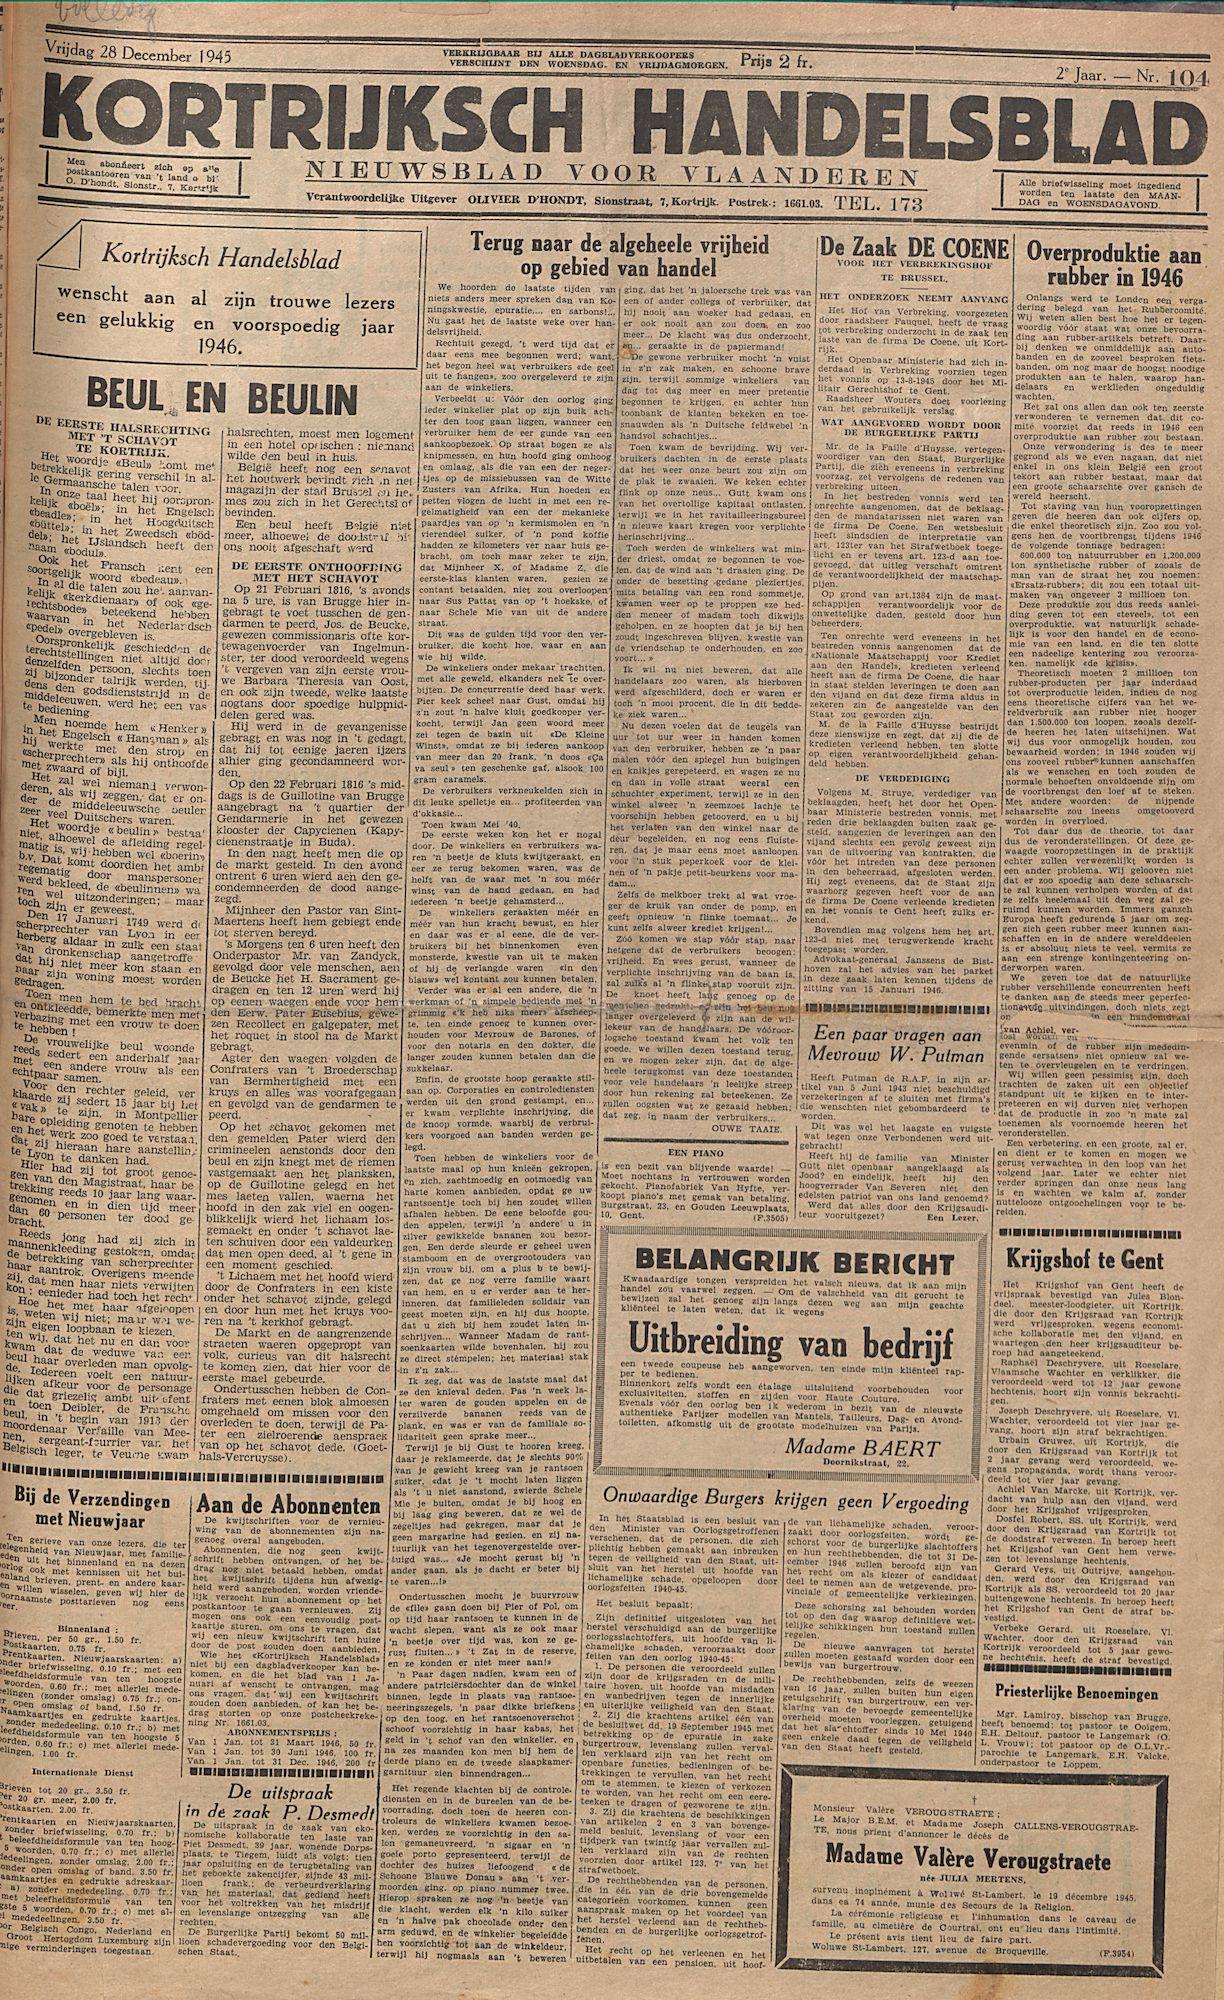 Kortrijksch Handelsblad 28 december 1945 Nr104 p1